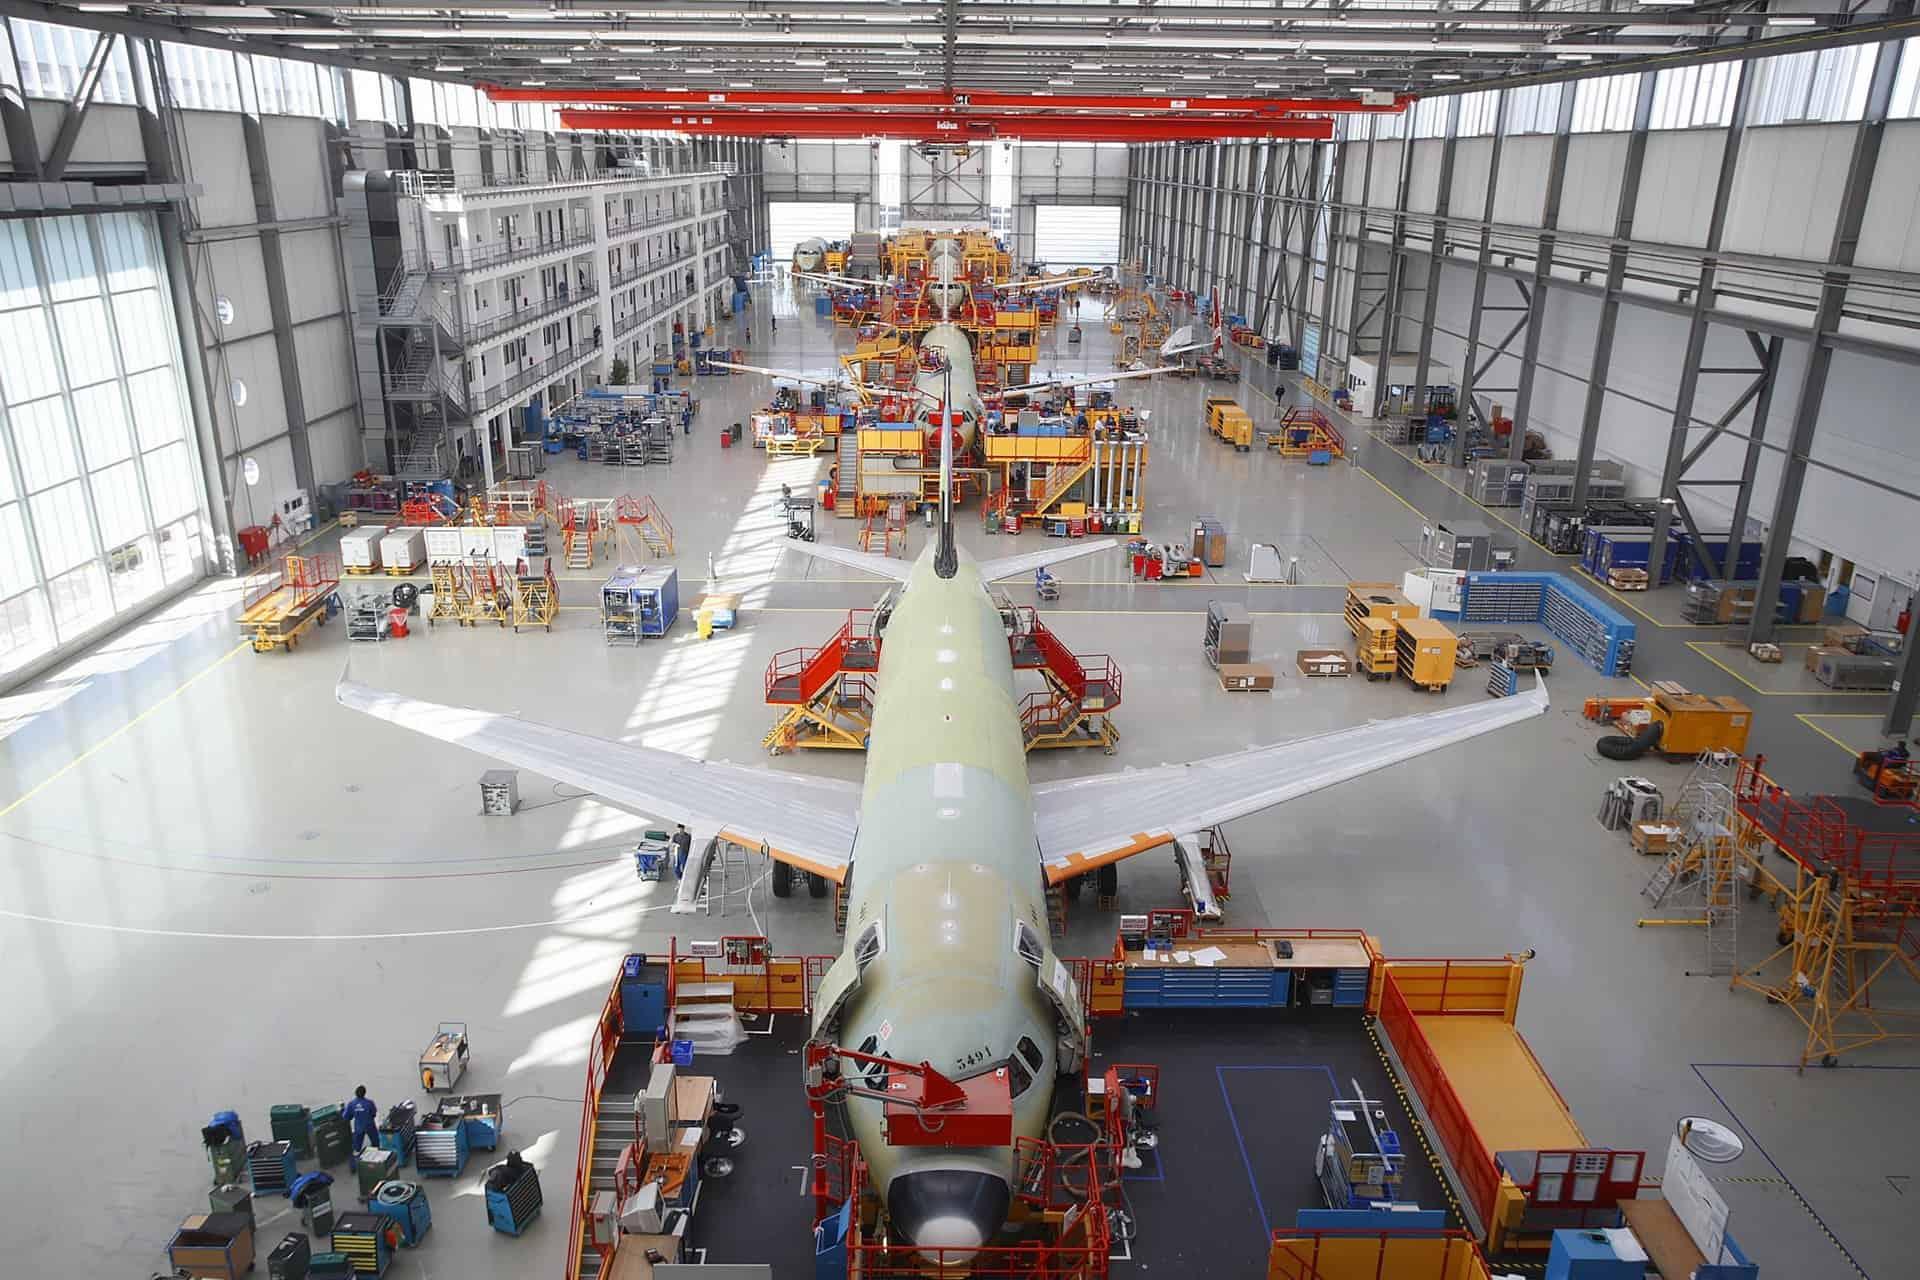 Збитки Airbus за минули рік: 1,36 мільярда євро